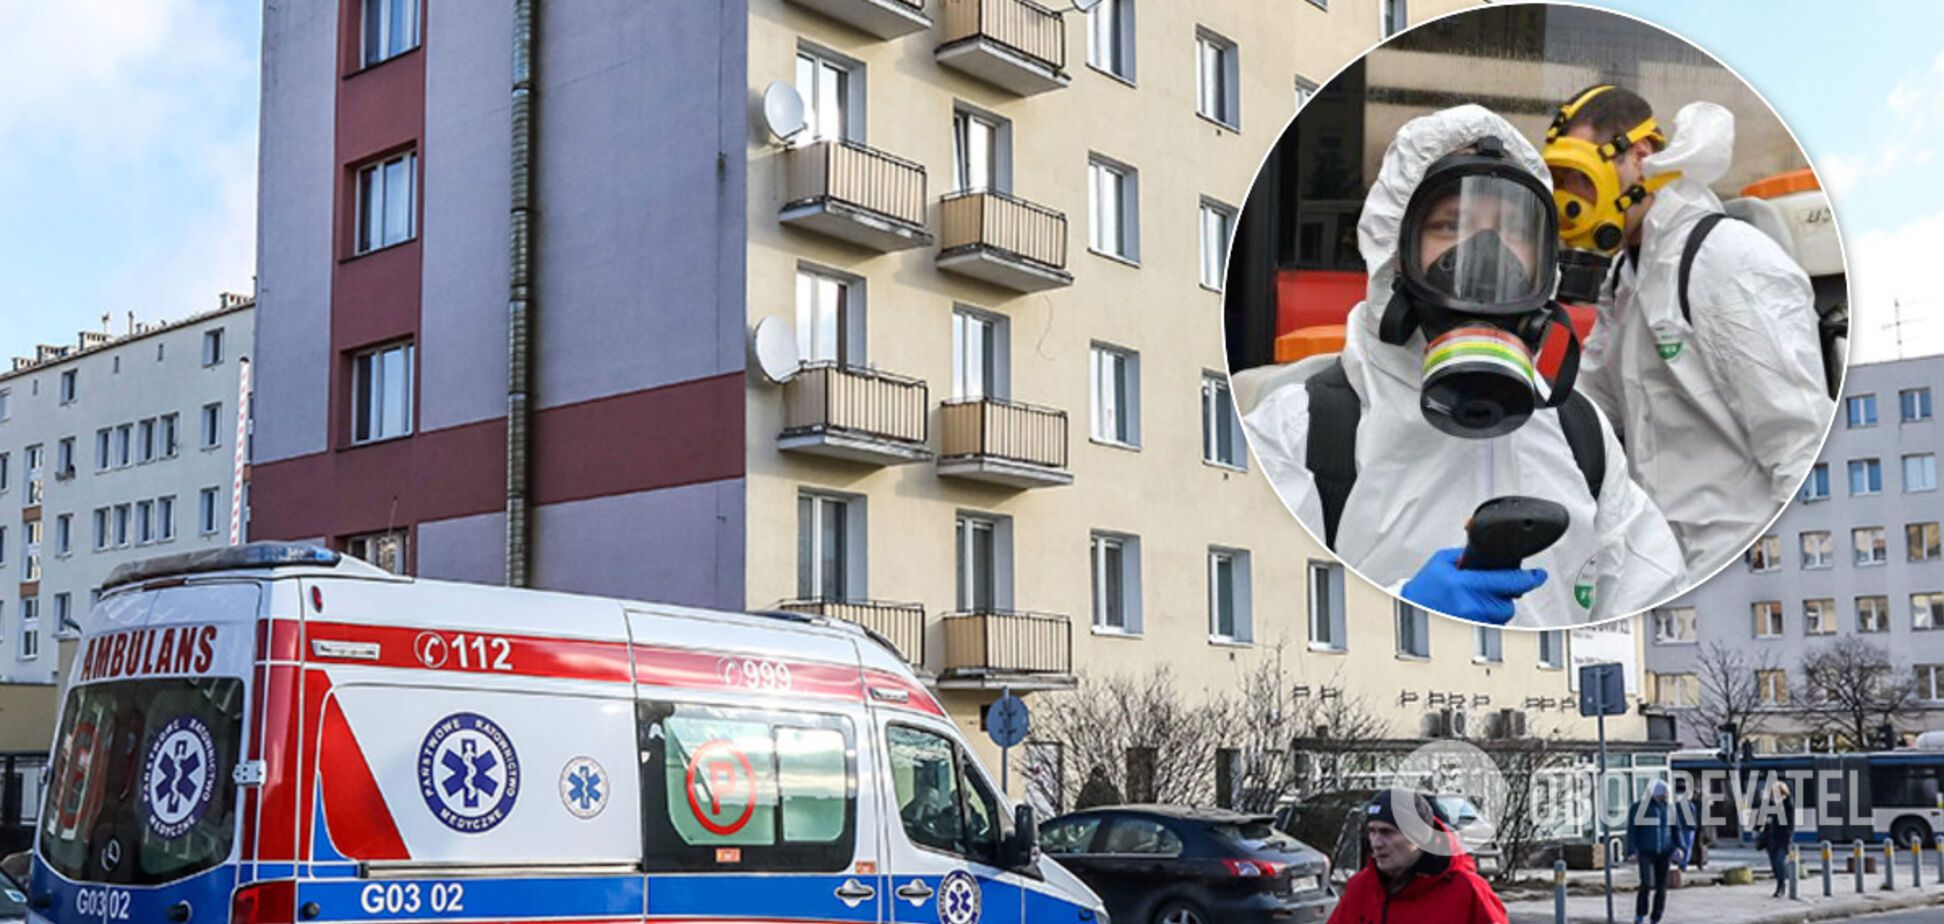 Польща ввела режим епідемії через коронавірус